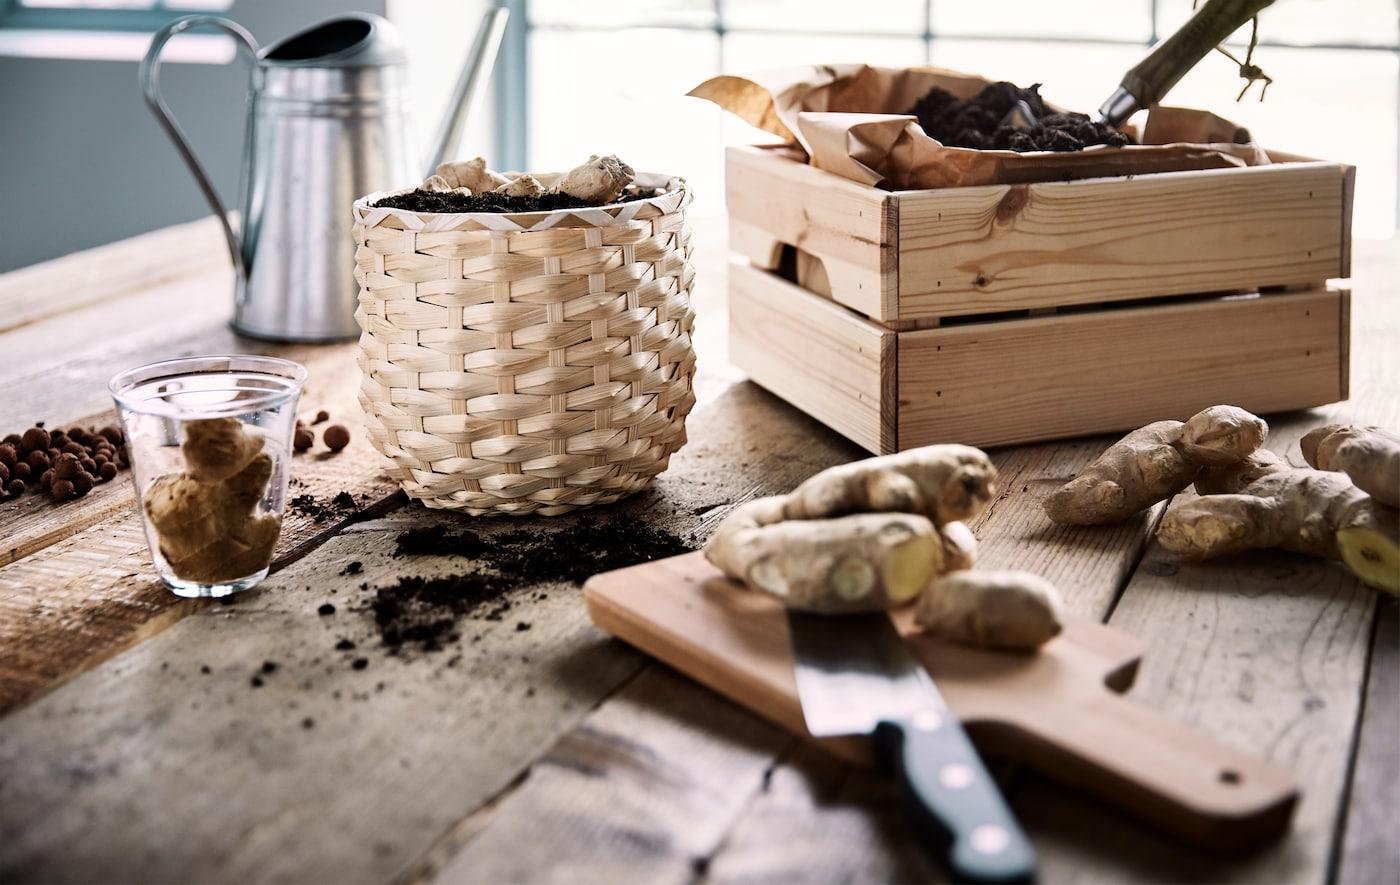 Tolle Ideen: Gärtnern in deiner Küche - IKEA Deutschland